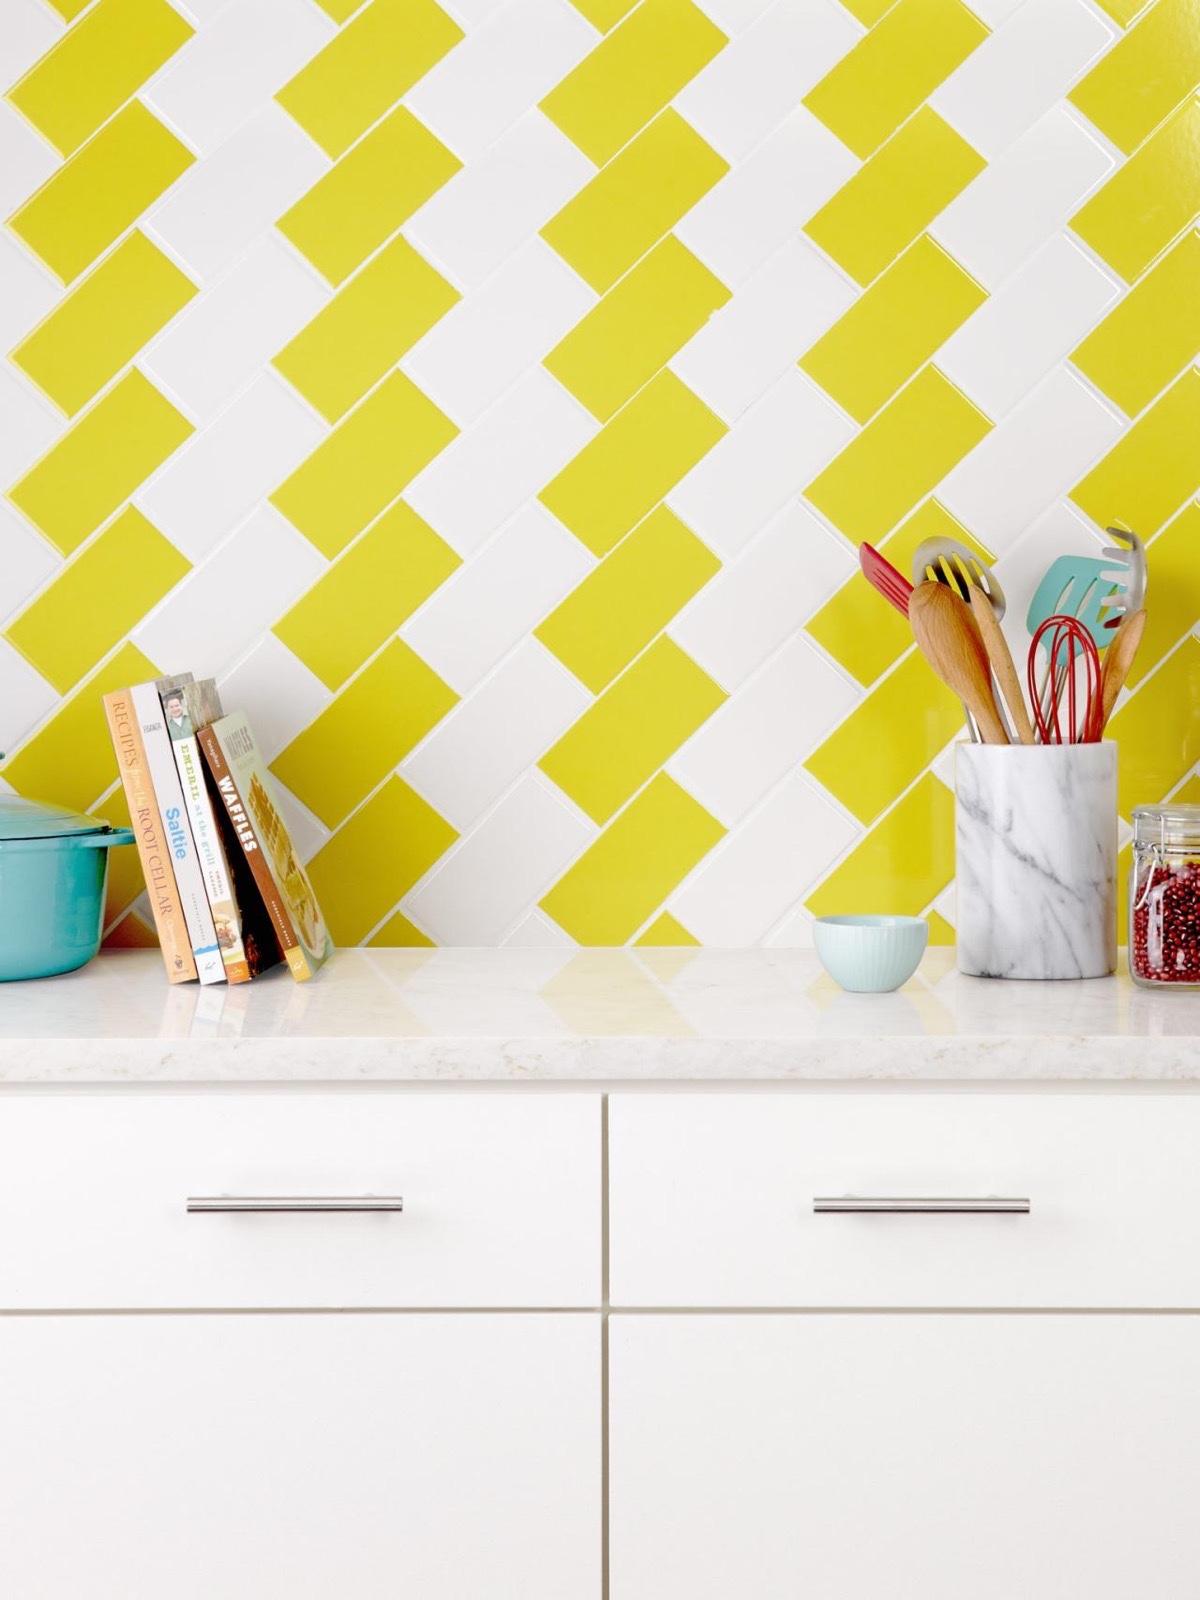 creative-yellow-kitchen-tiles